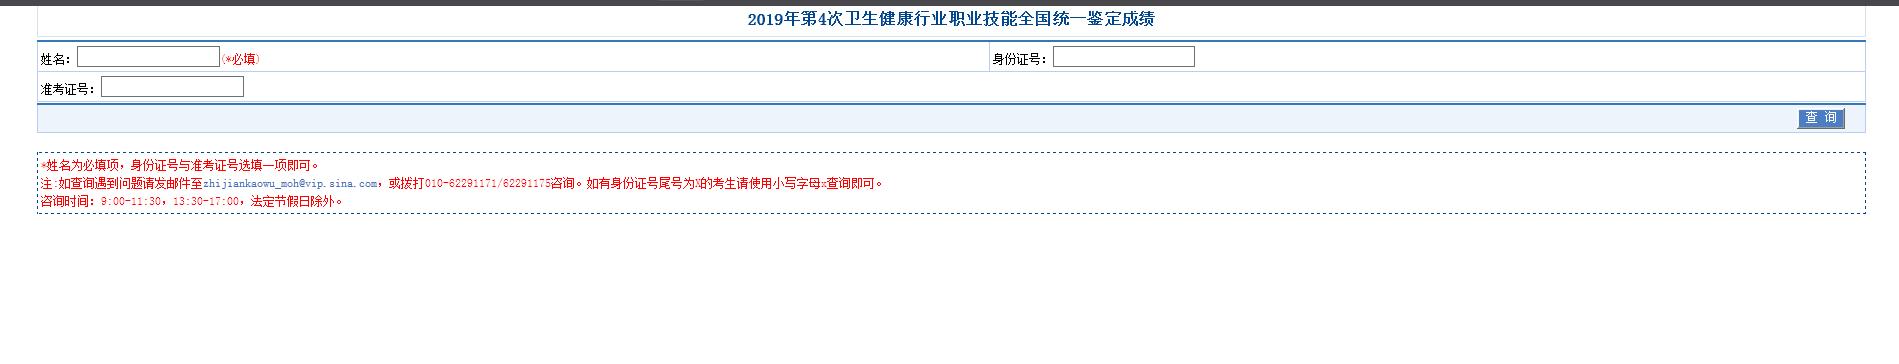 健康管理师成绩查询_3.png